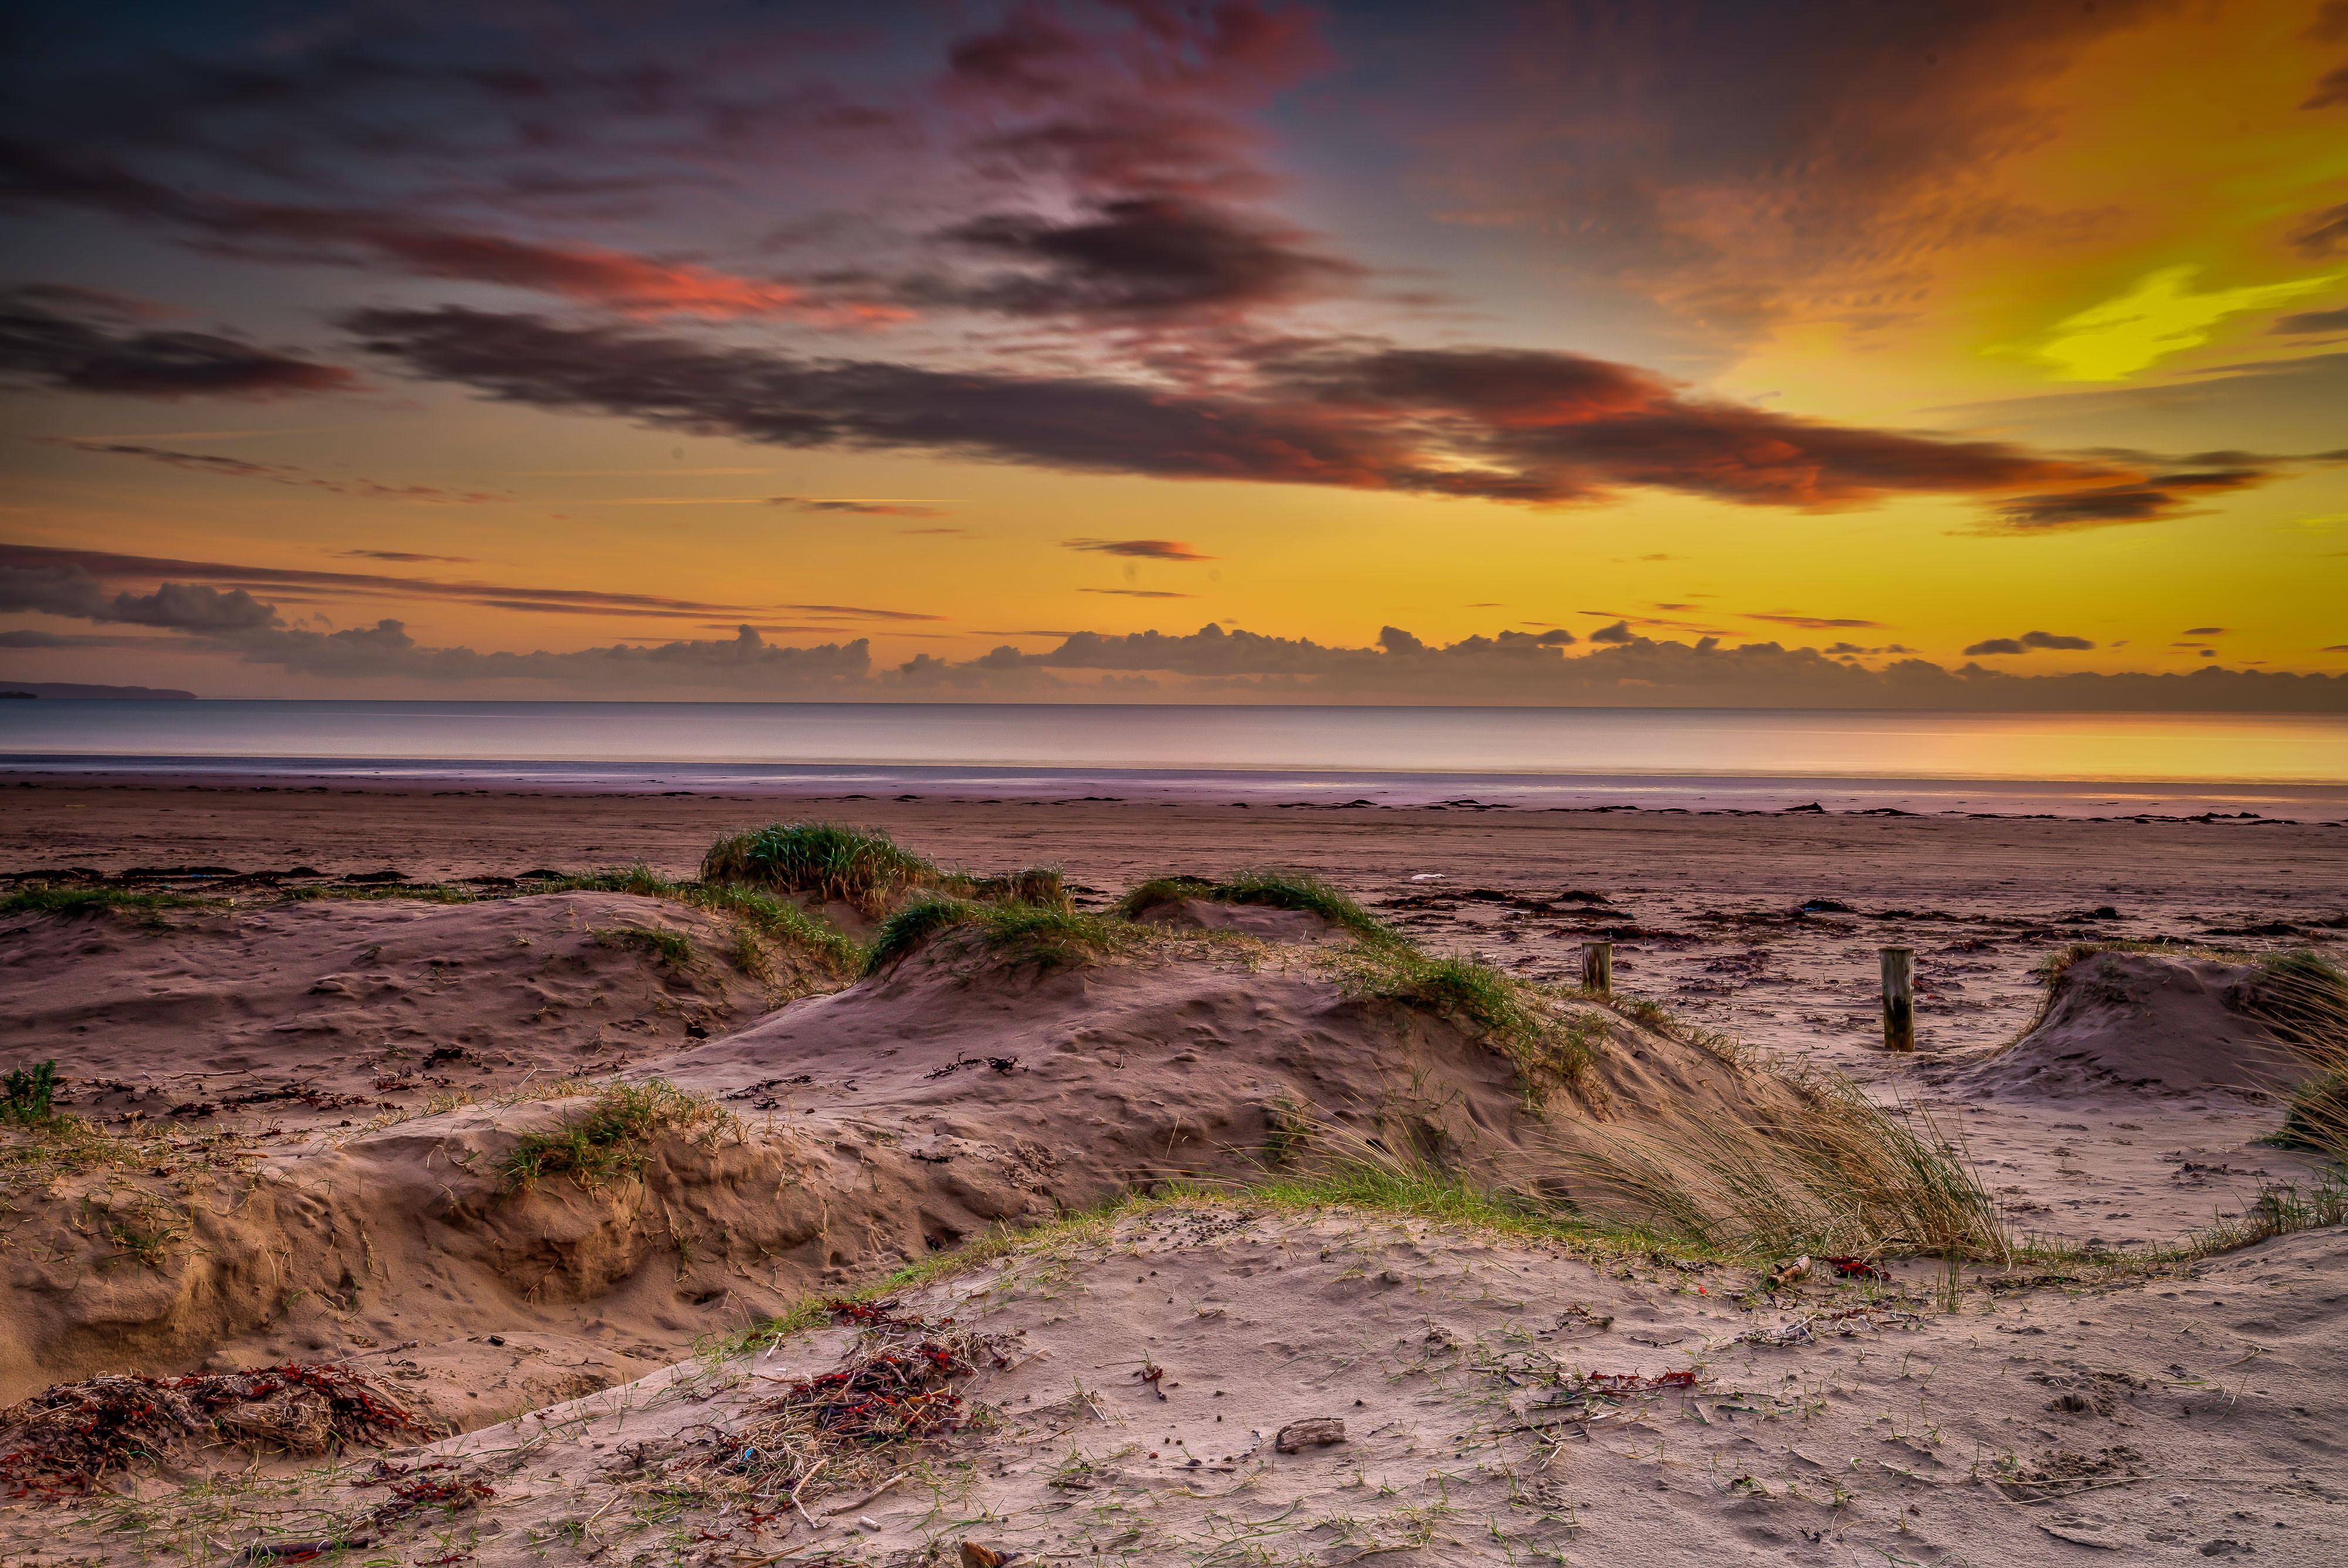 sand horizon under yellow sky